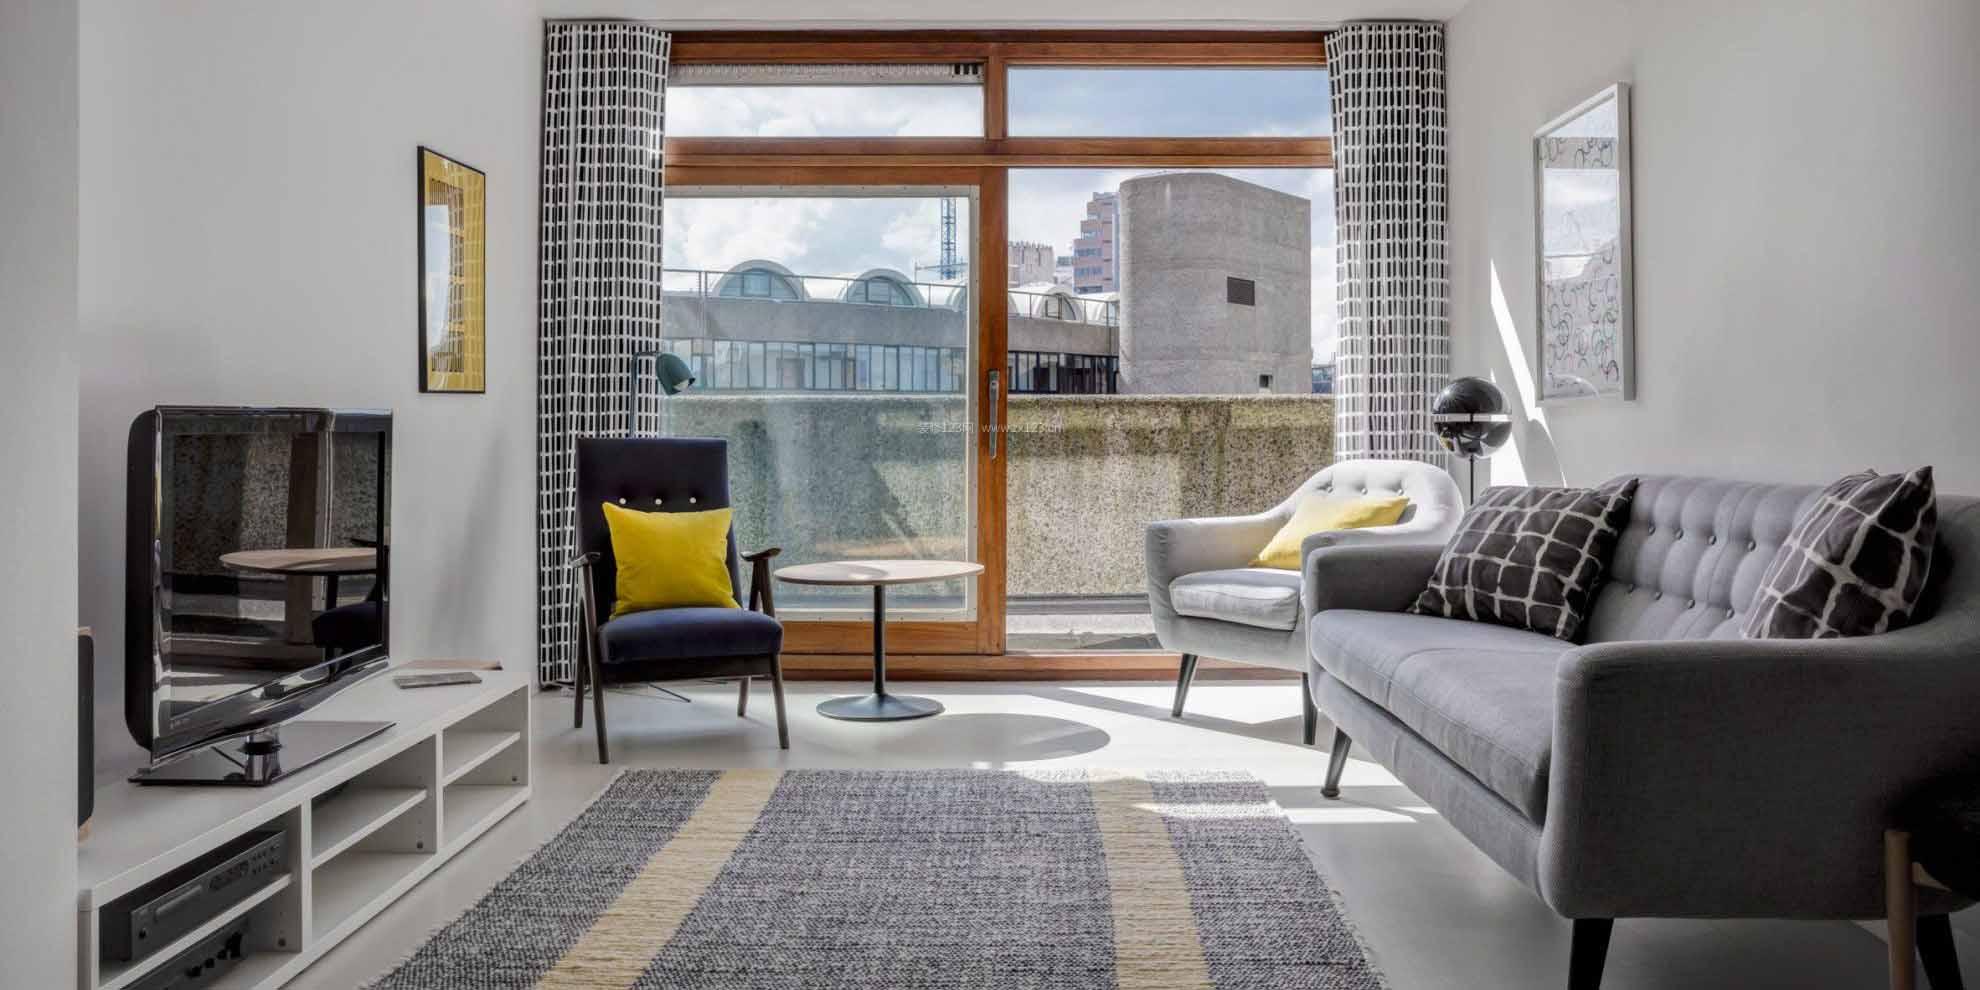 运河区优质住宅装修公司推荐 铸造辉煌「沧州市森祺装饰工程供应」